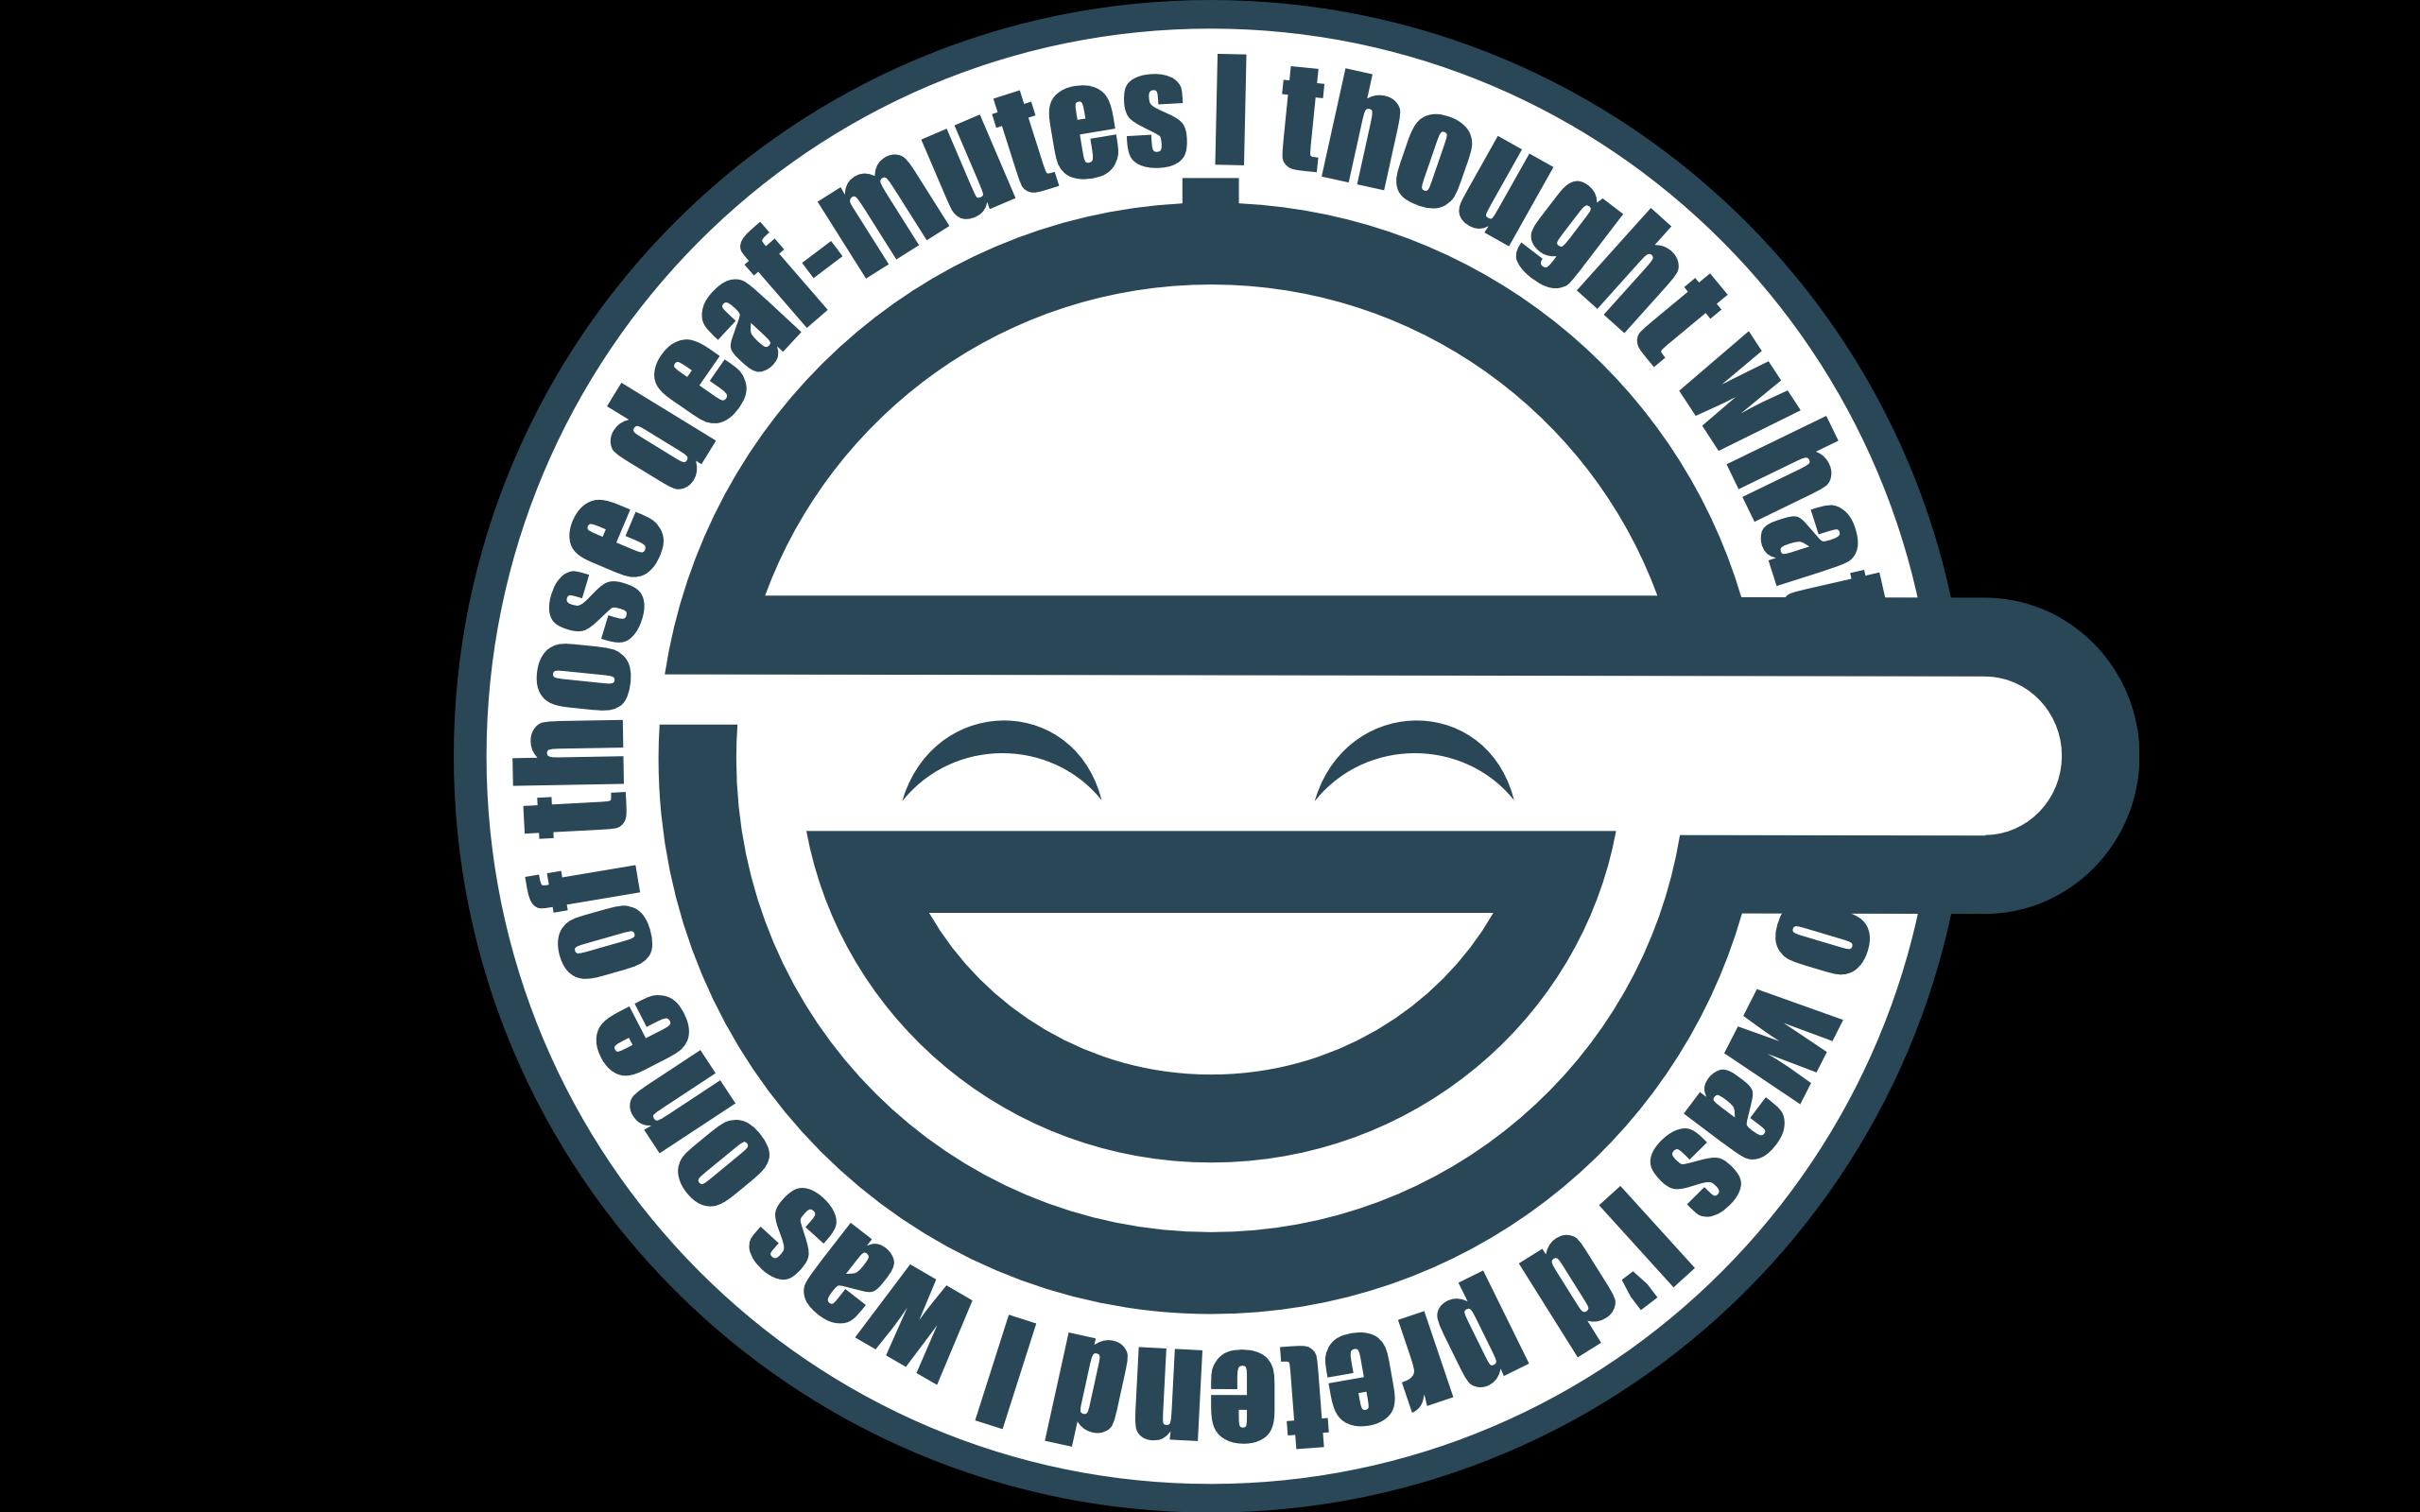 laughing man logo - photo #15